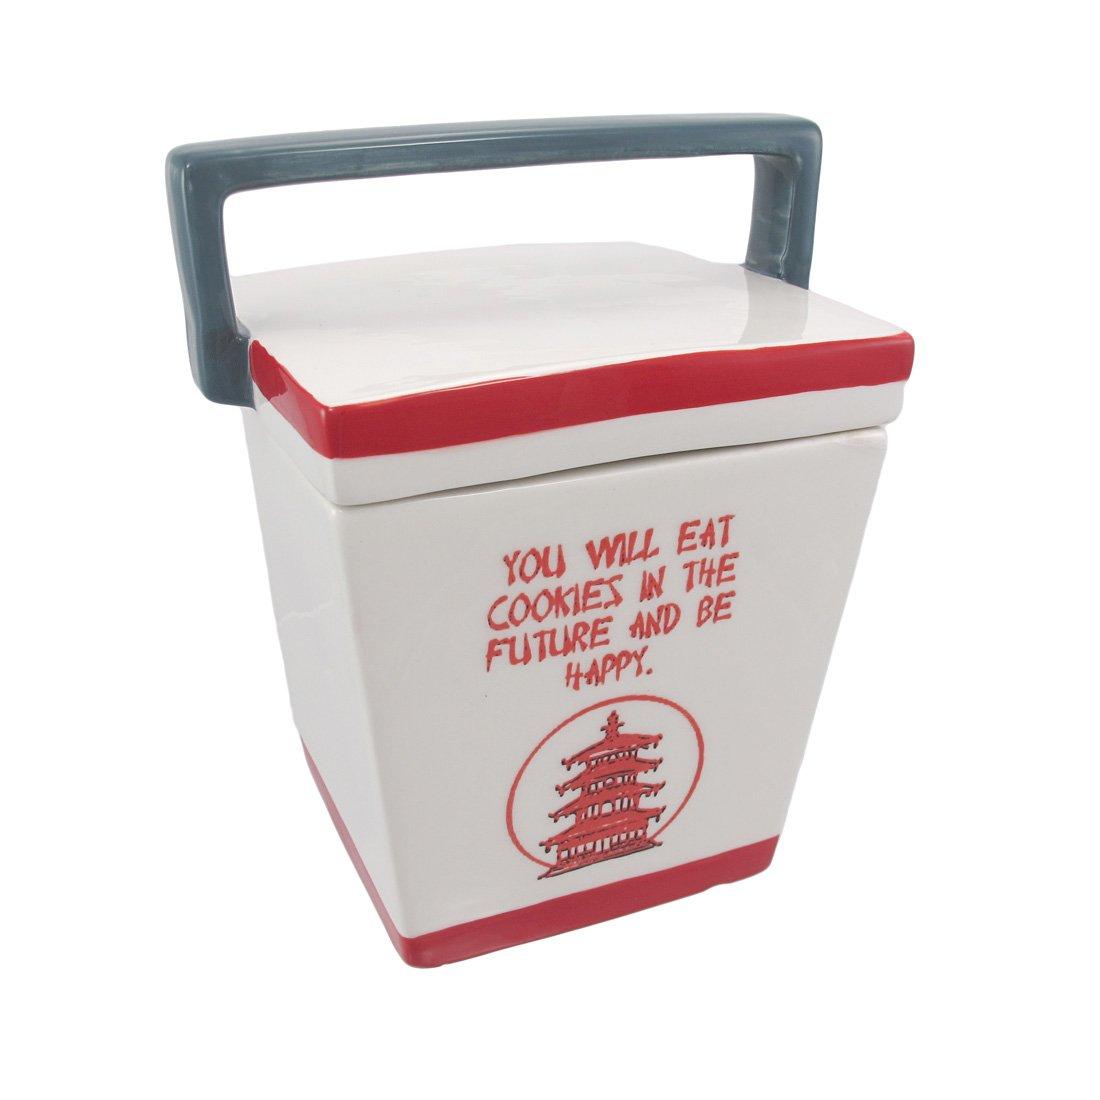 Take-Out Box Ceramic Cookie Jar